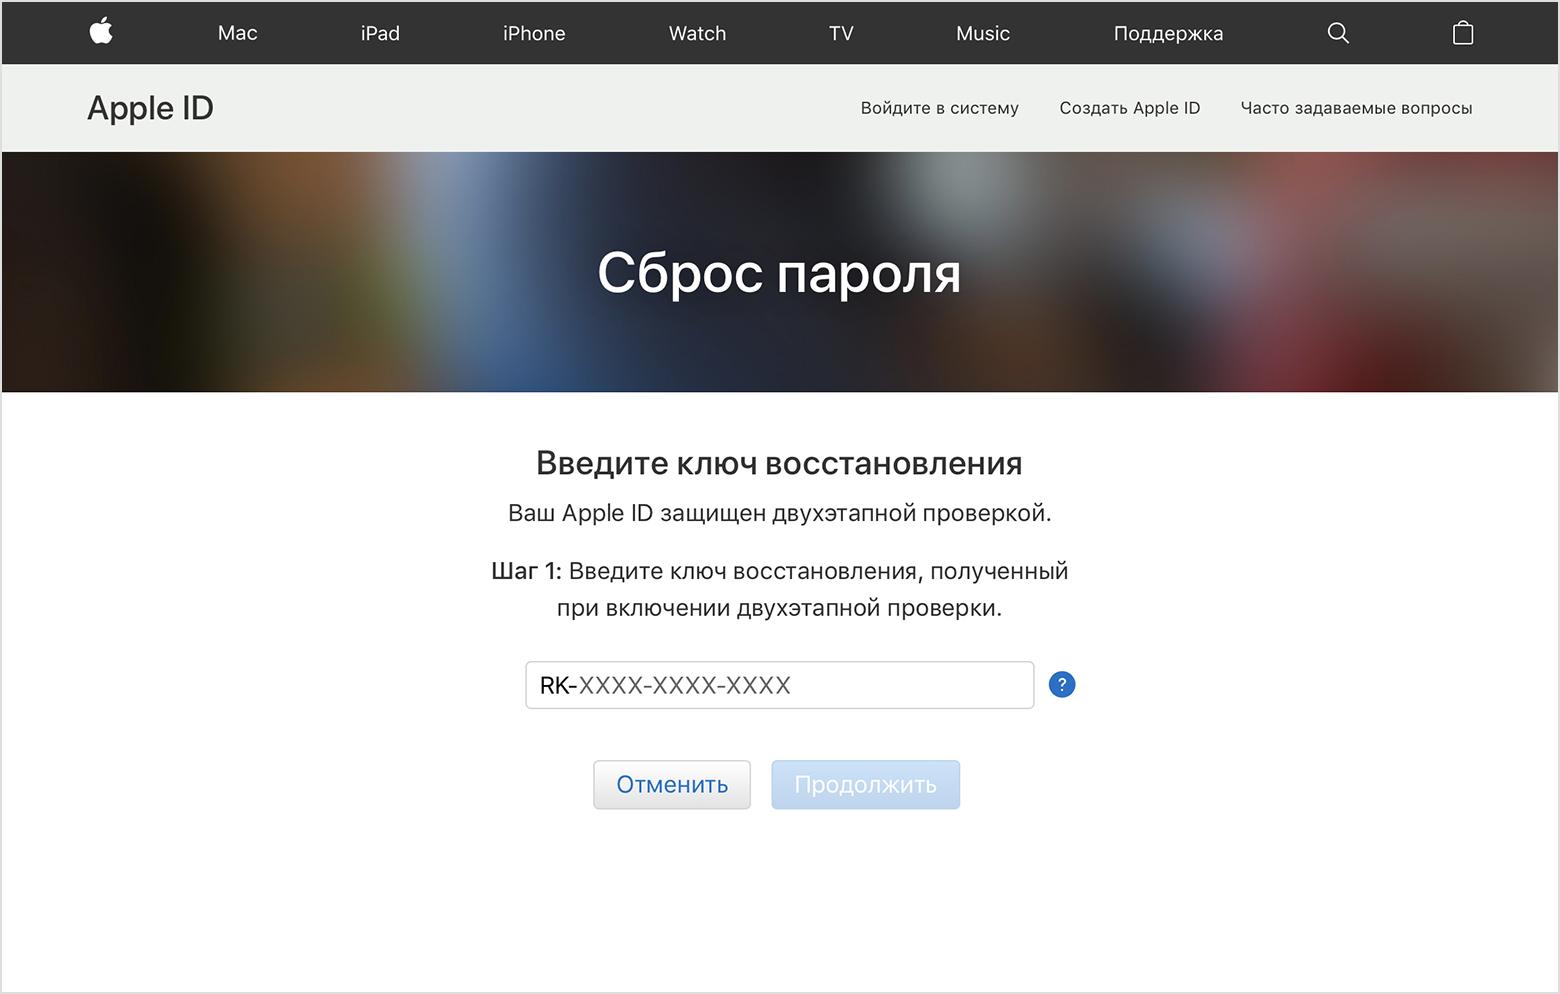 http://iforgot.apple.com чтобы сбросить свою учетную запись.